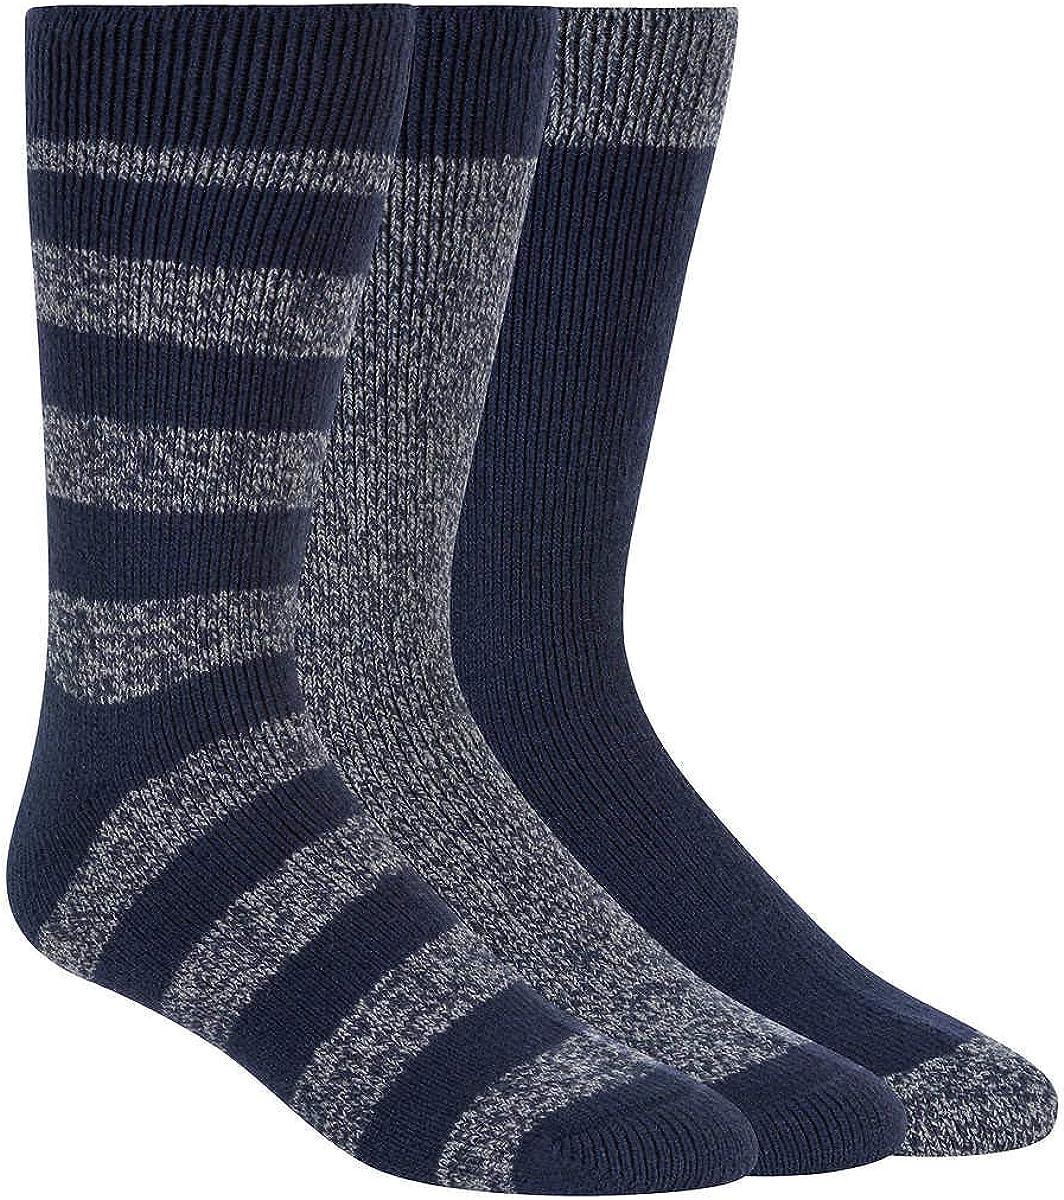 Weatherproof Men's Ultimate Thermal Crew Socks, Blue, 3 Pairs